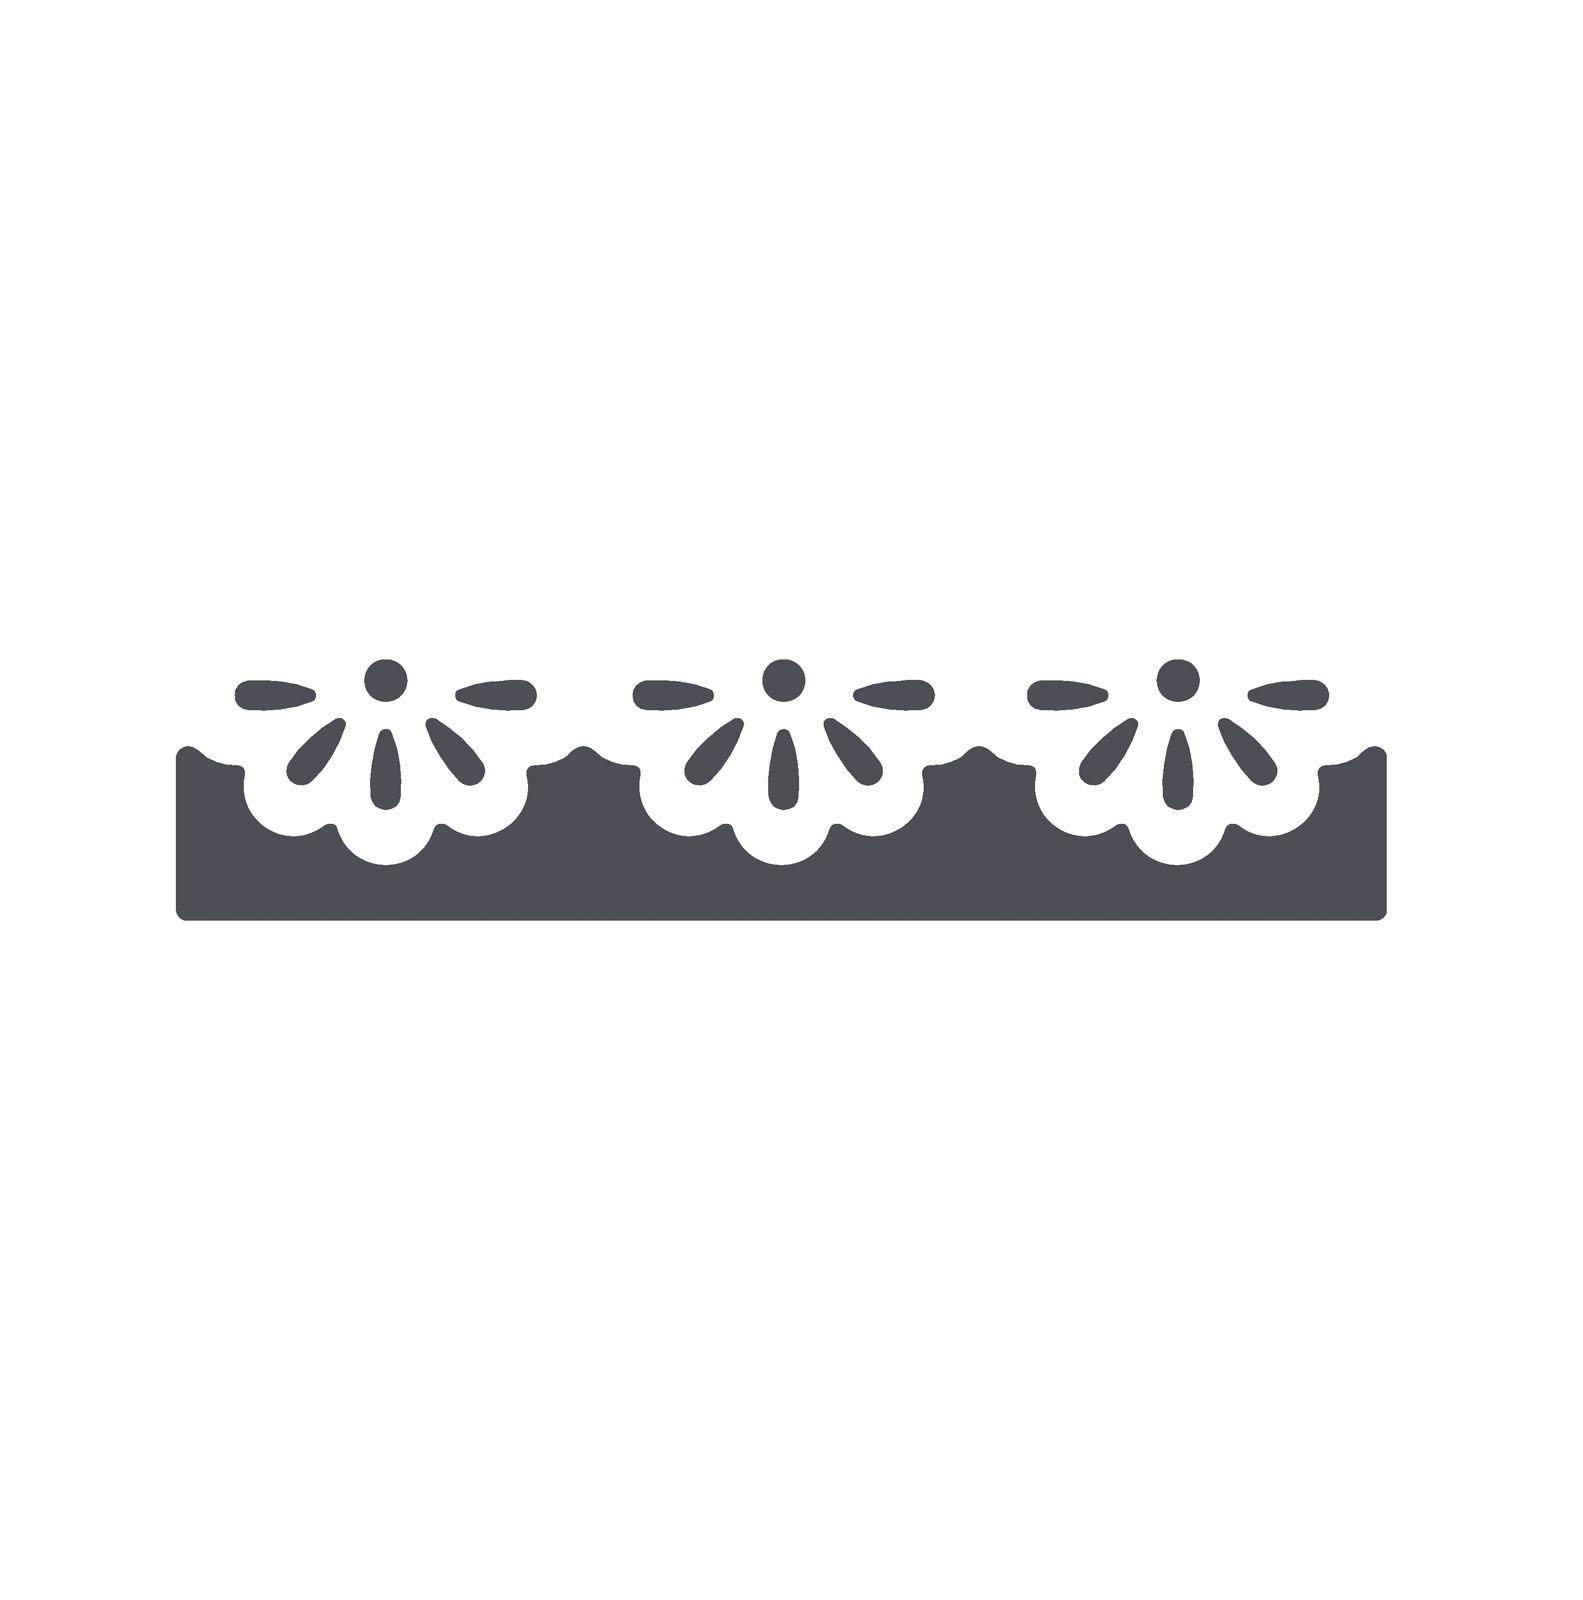 51bKOJIrfNL - Vaessen Creative 21449-005 Perforatrice per Bordi Fiore, Plastic, Rosa, 22 x 12.5 x 6 cm